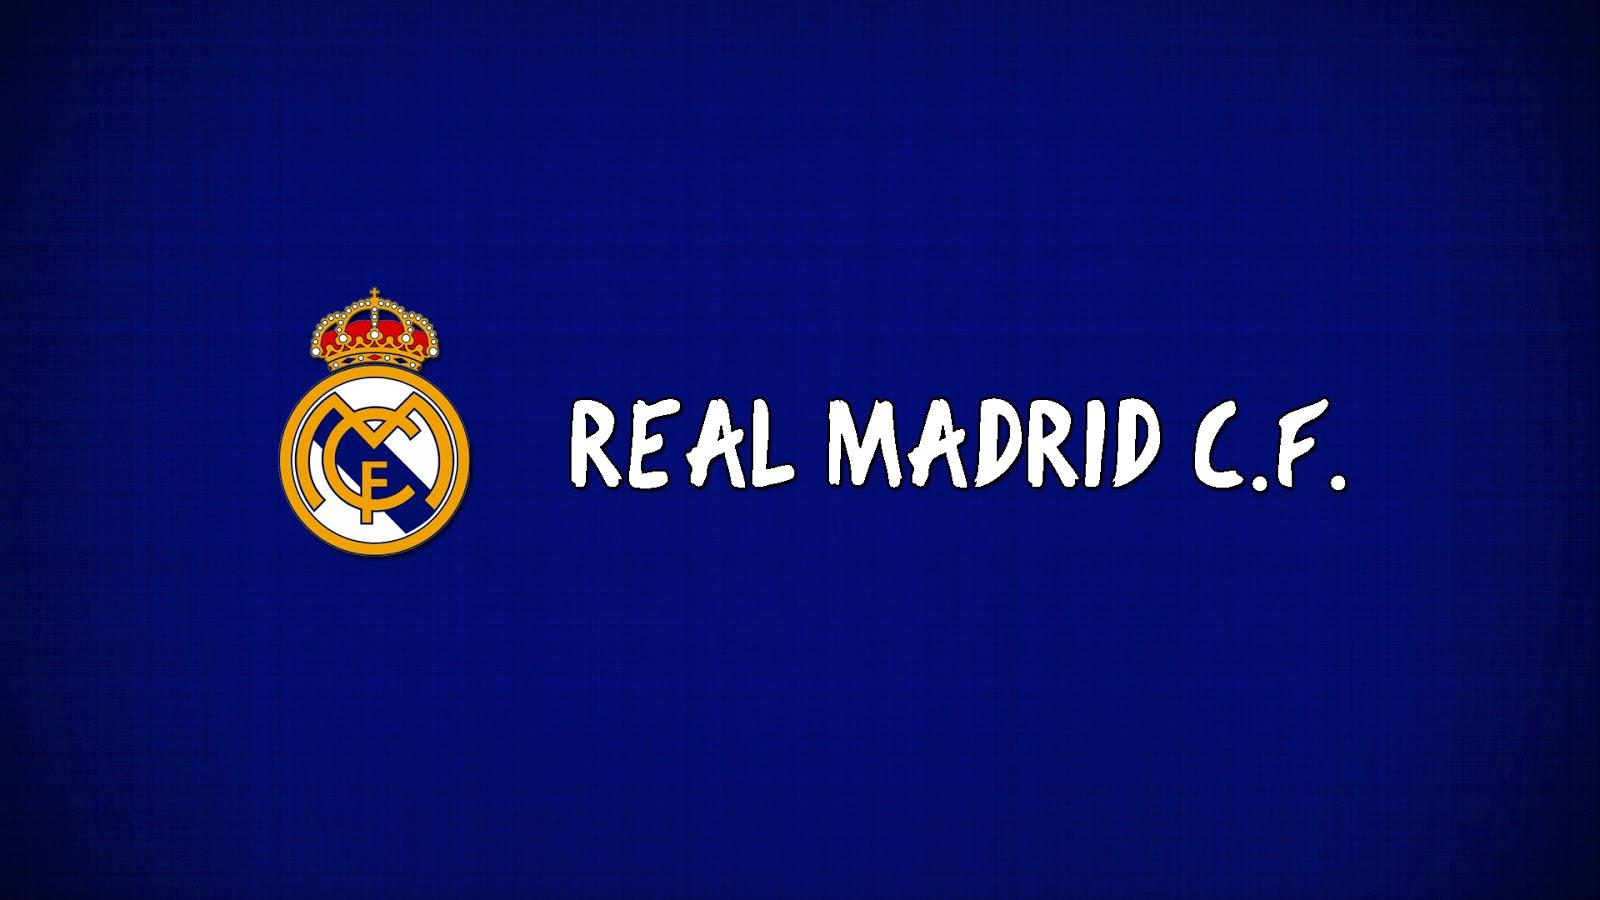 Real Madrid Logo Football Club 1600x900